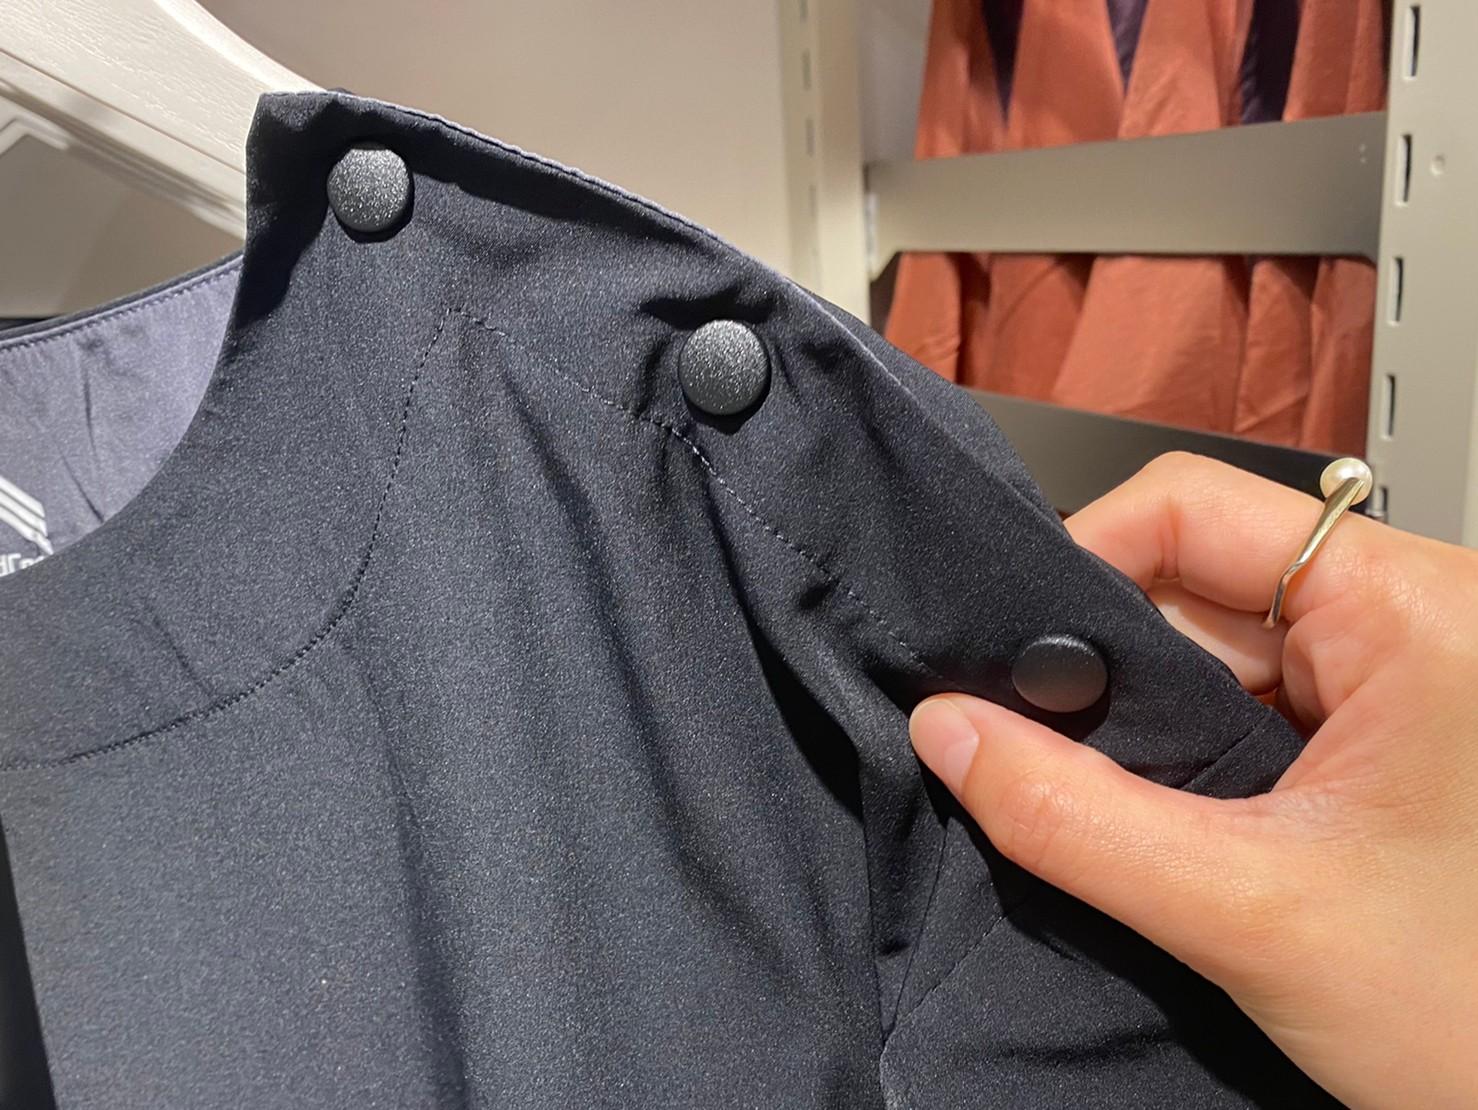 ハイストレッチUVリラックスワンピース肩ボタンの画像